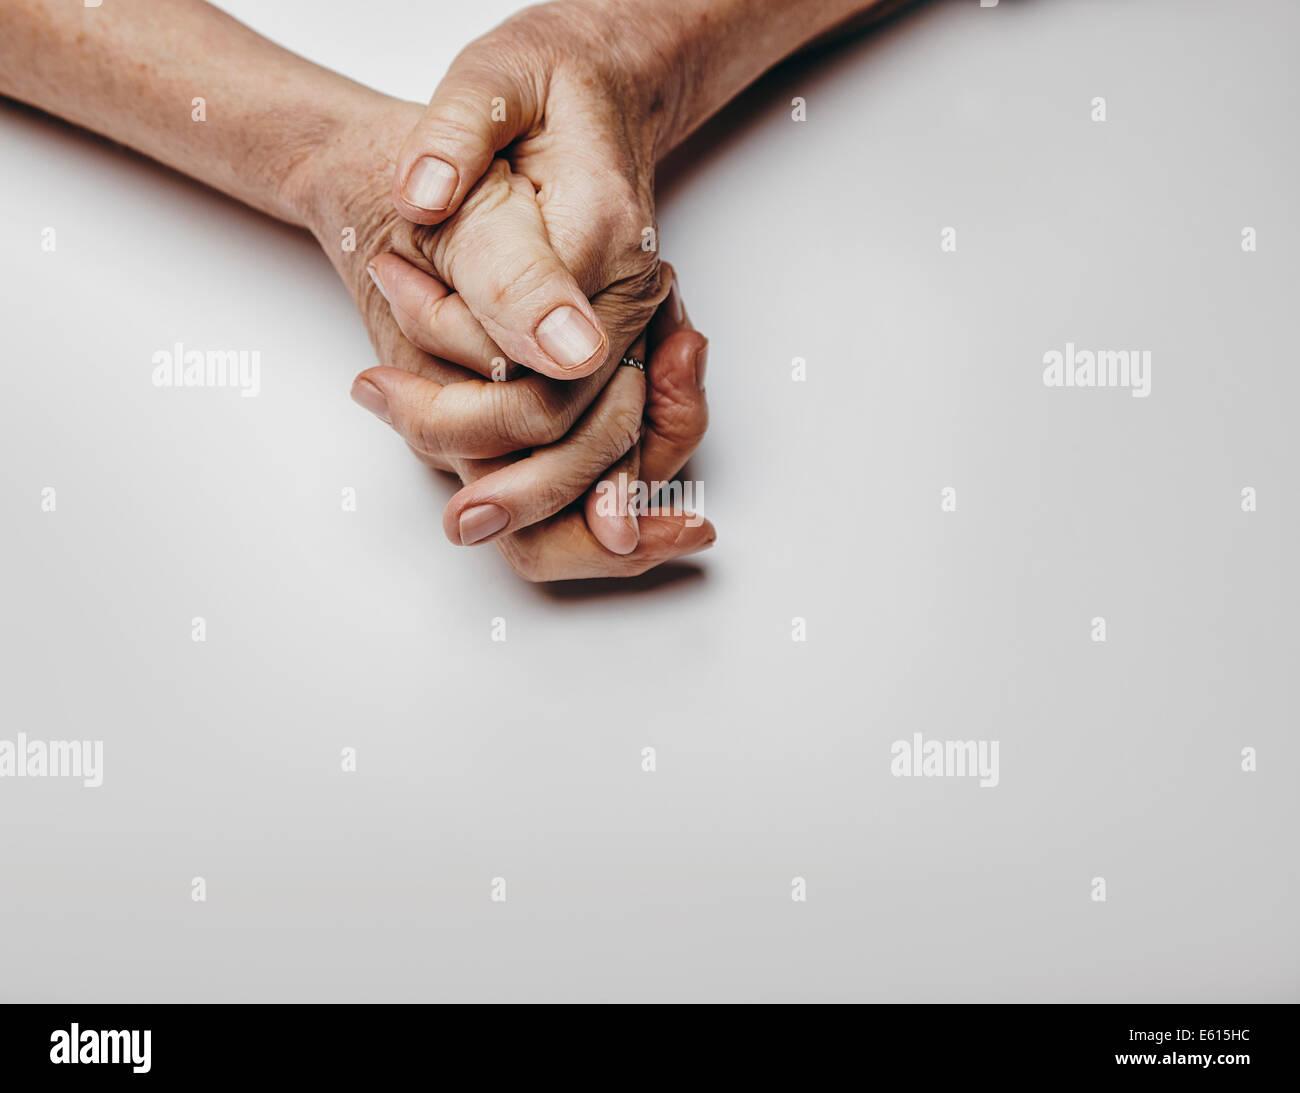 Woman's hands isolé sur fond gris. Mains d'une femme détendue avec l'exemplaire de l'espace. Photo Stock